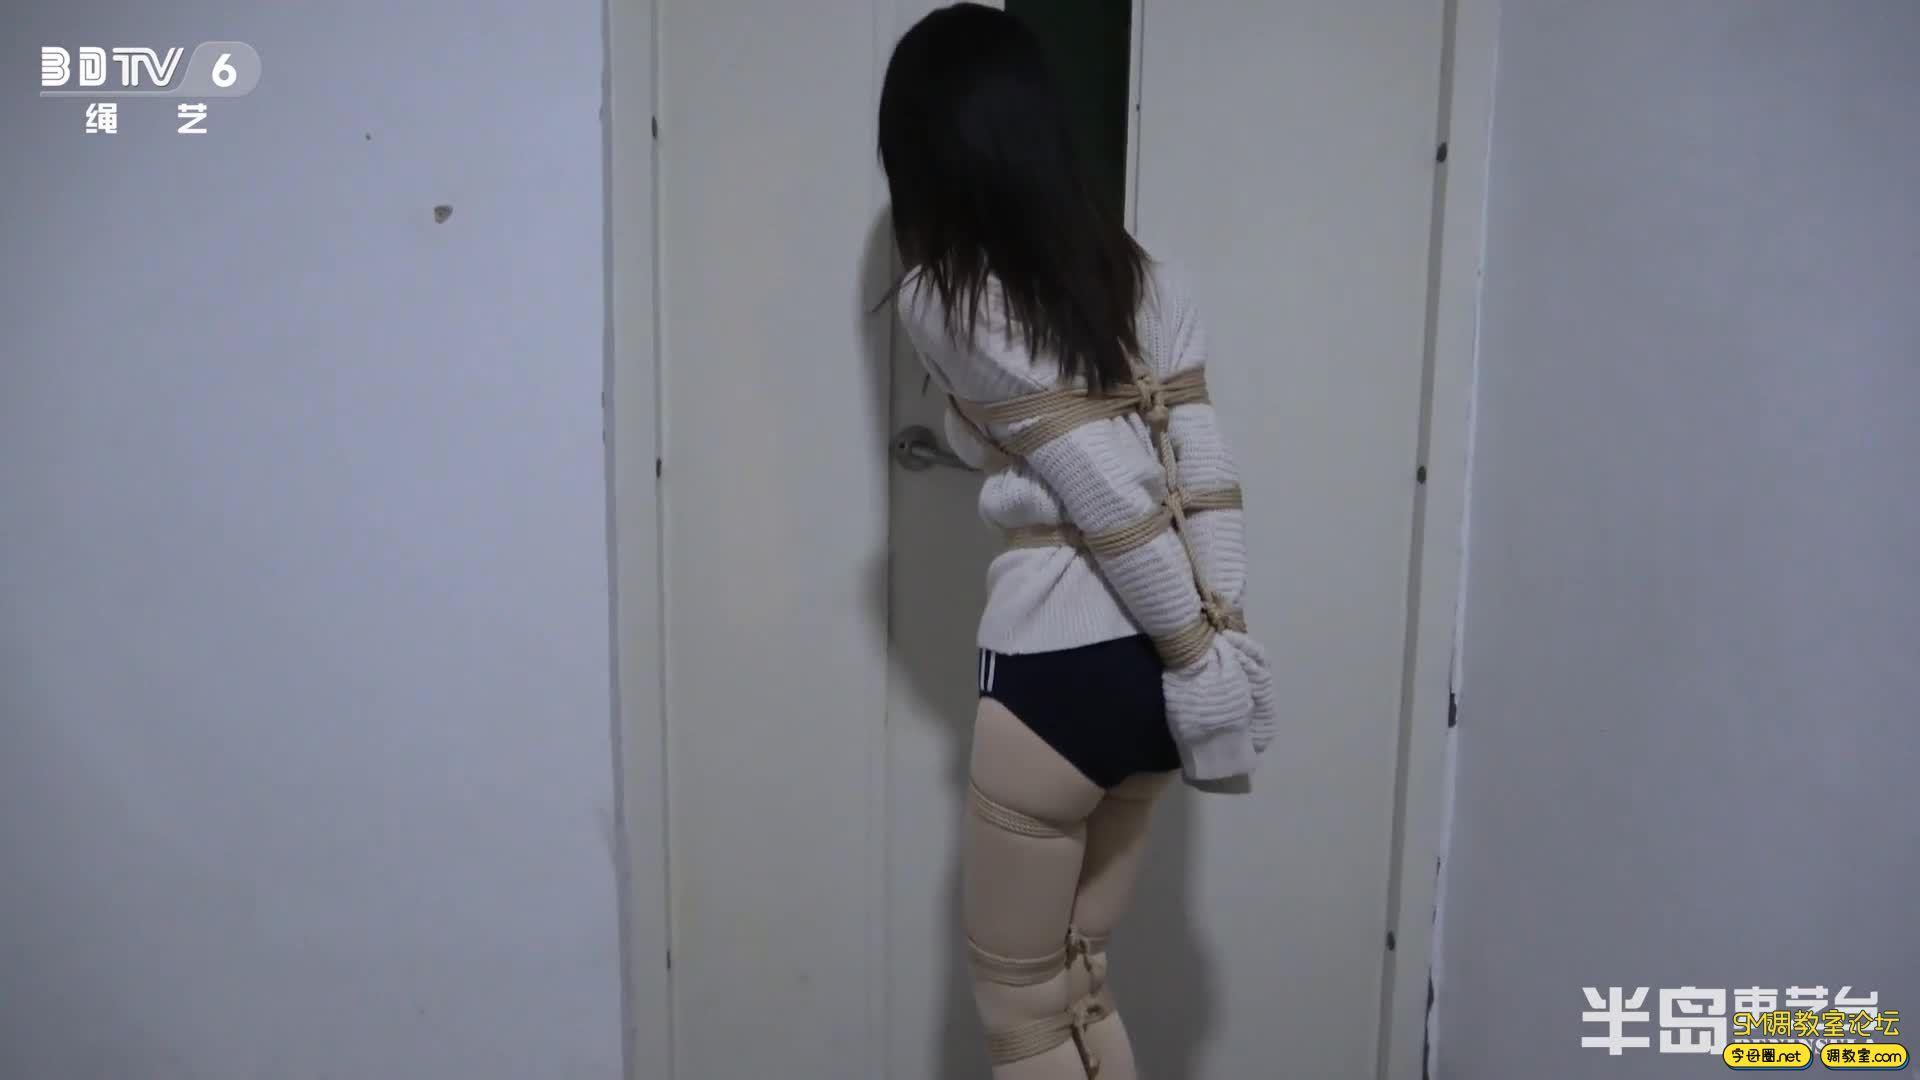 半岛束艺台_葡萄被坑进电梯独自下楼,一路狂跳回家-视频截图3